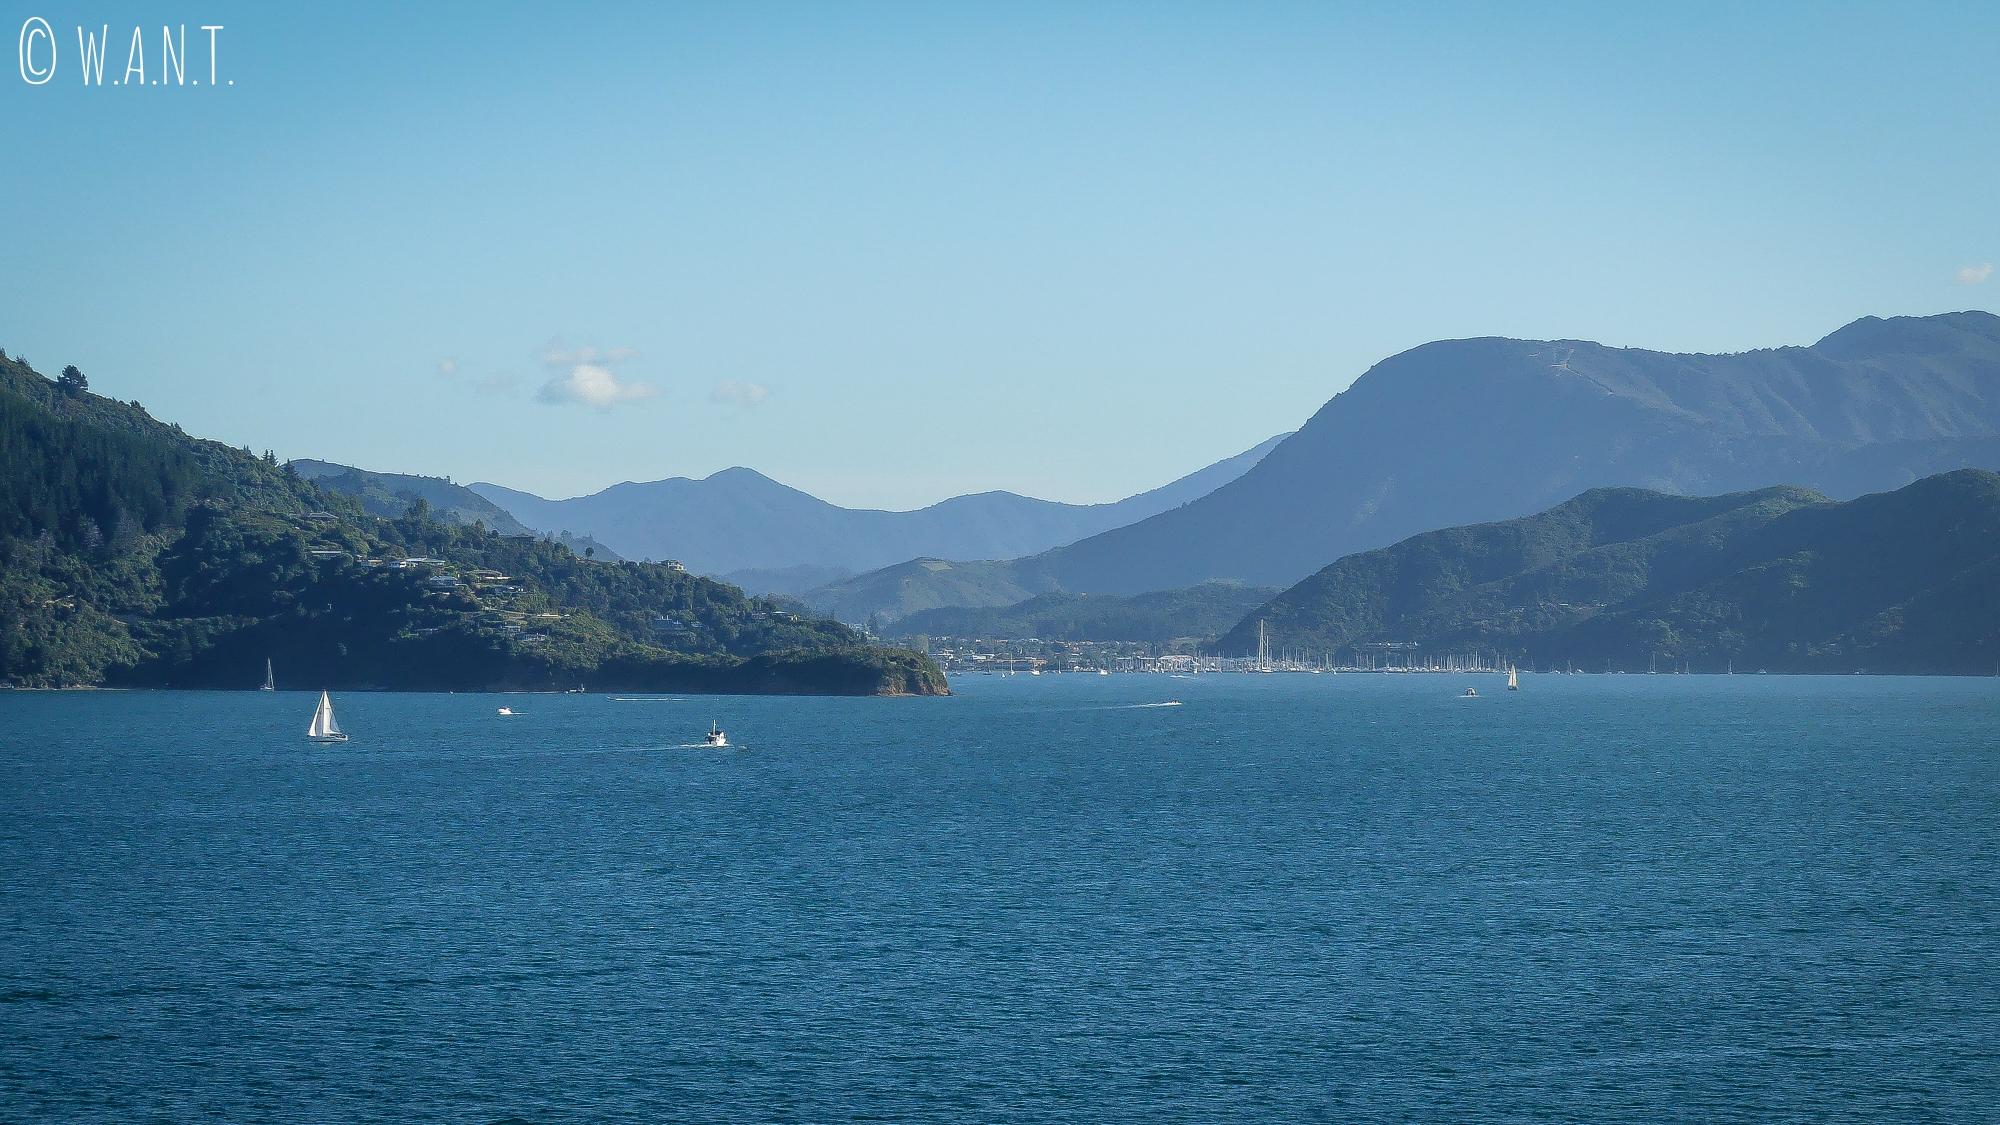 Arrivée à Picton en ferry depuis Wellington en Nouvelle-Zélande